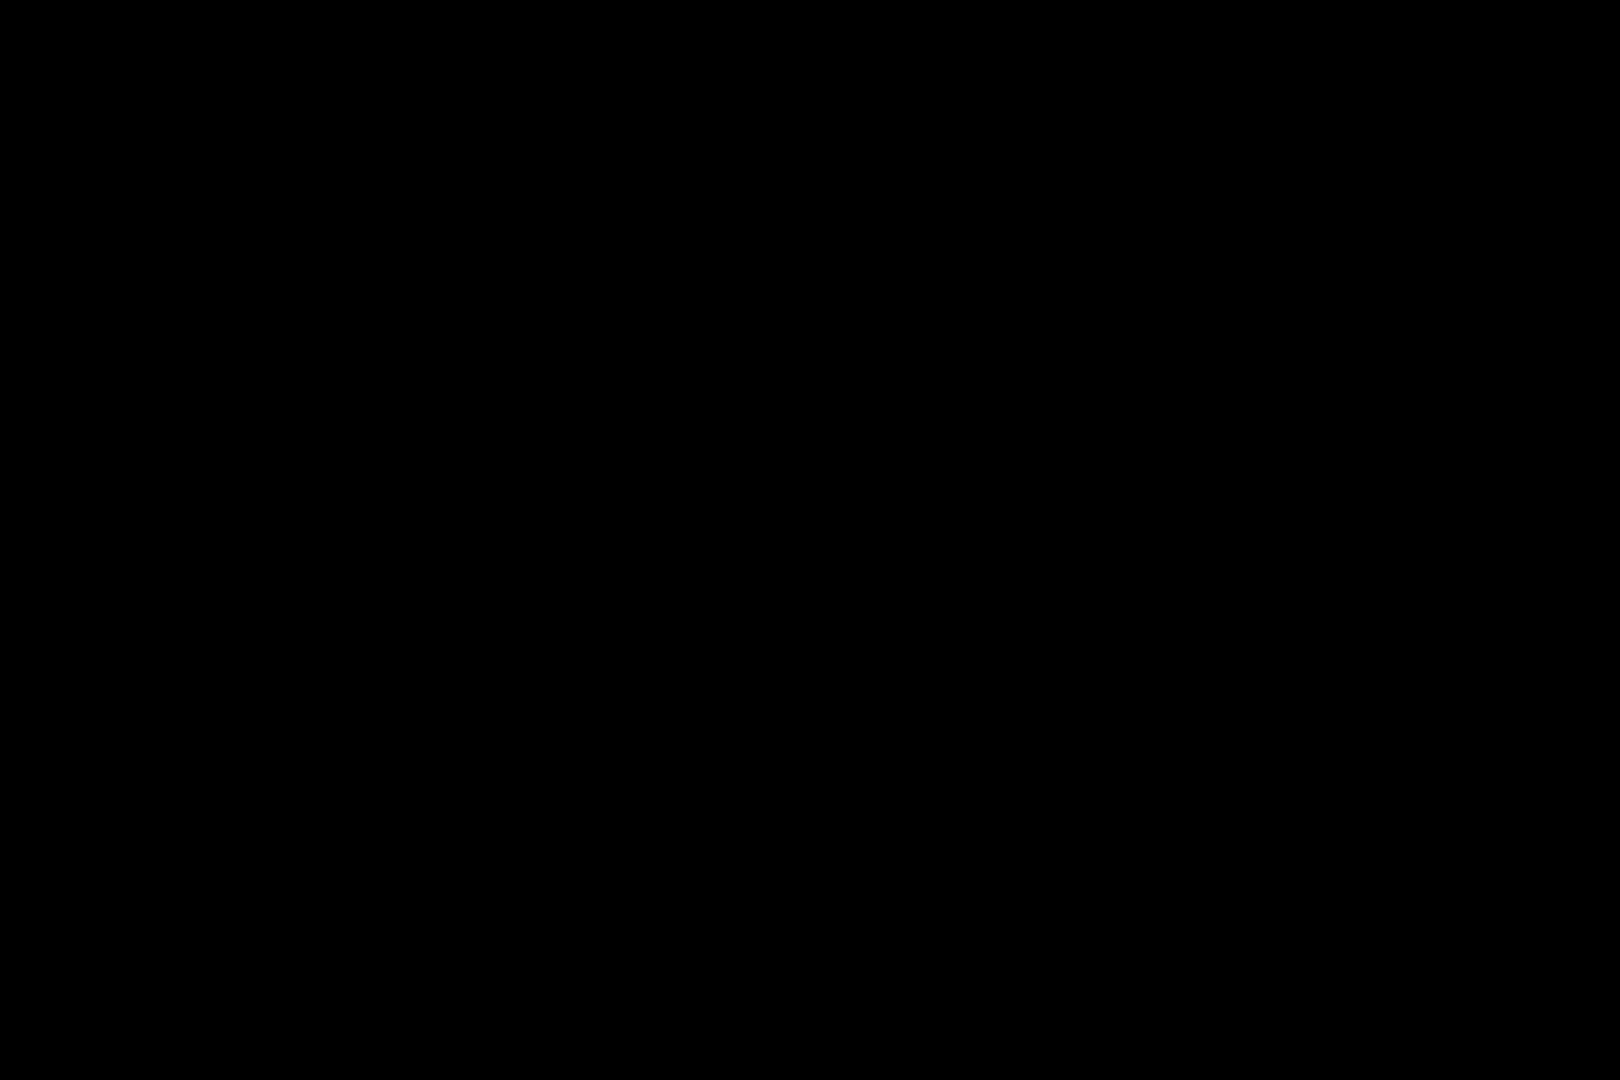 H大好き熟女と自宅でハメ撮り~中原まりこ~ エッチな熟女 すけべAV動画紹介 109pic 13